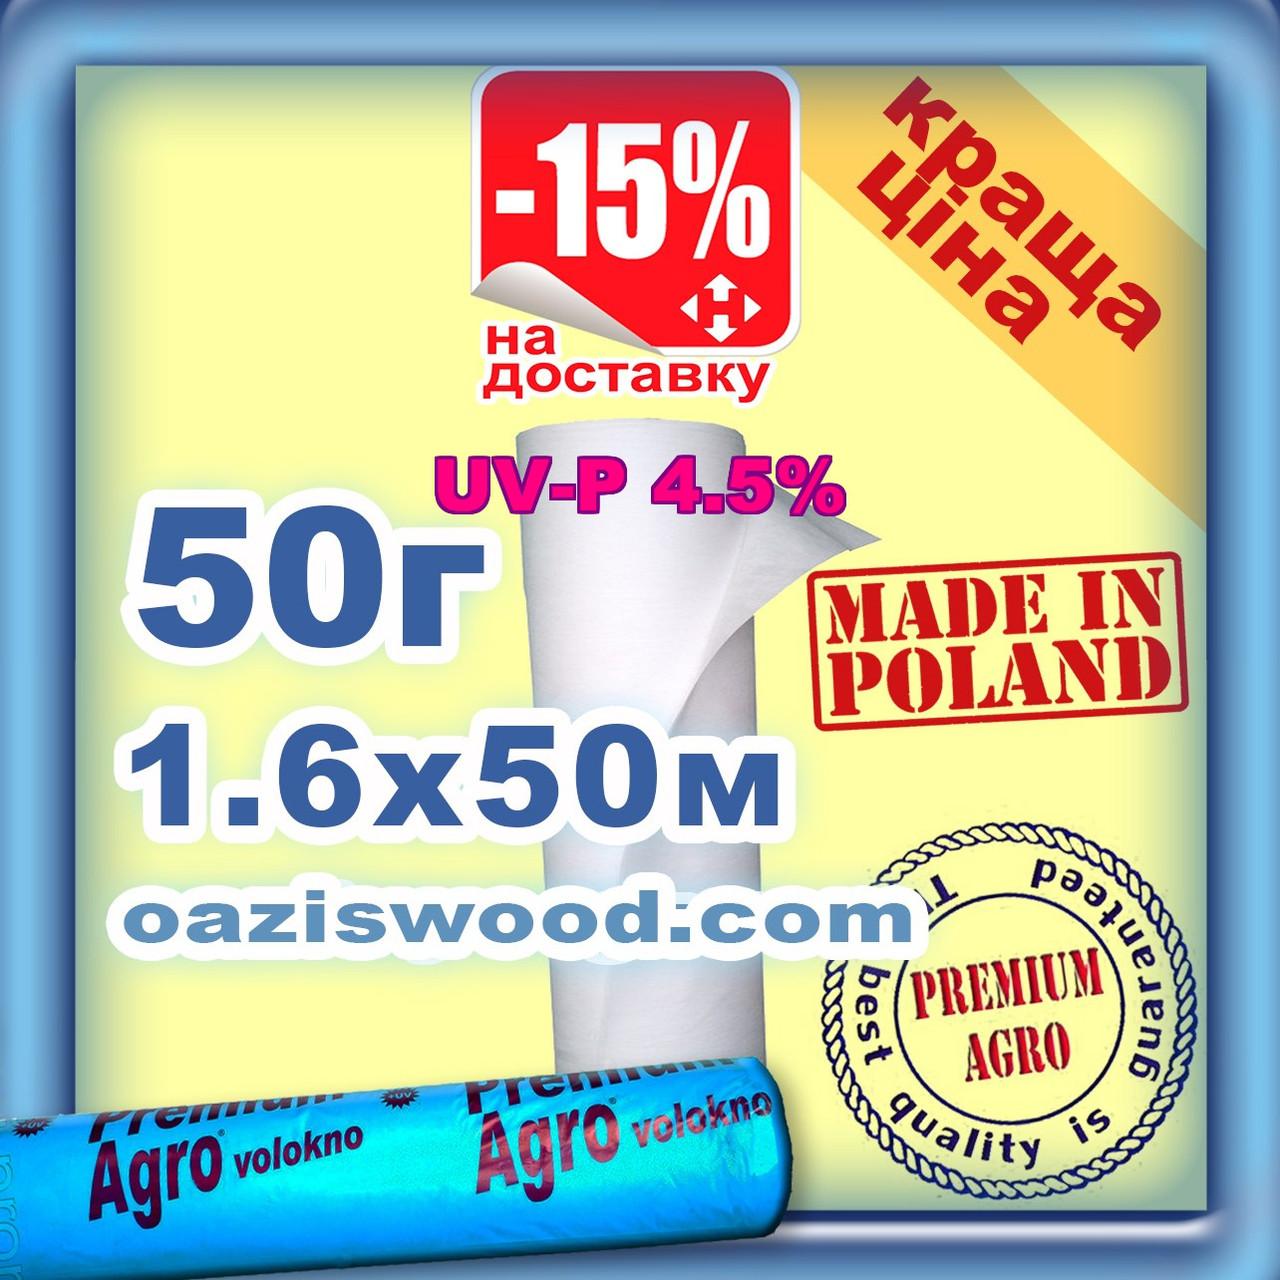 Агроволокно р-50g 1,6*50м белое UV-P 4.5% Premium-Agro Польша